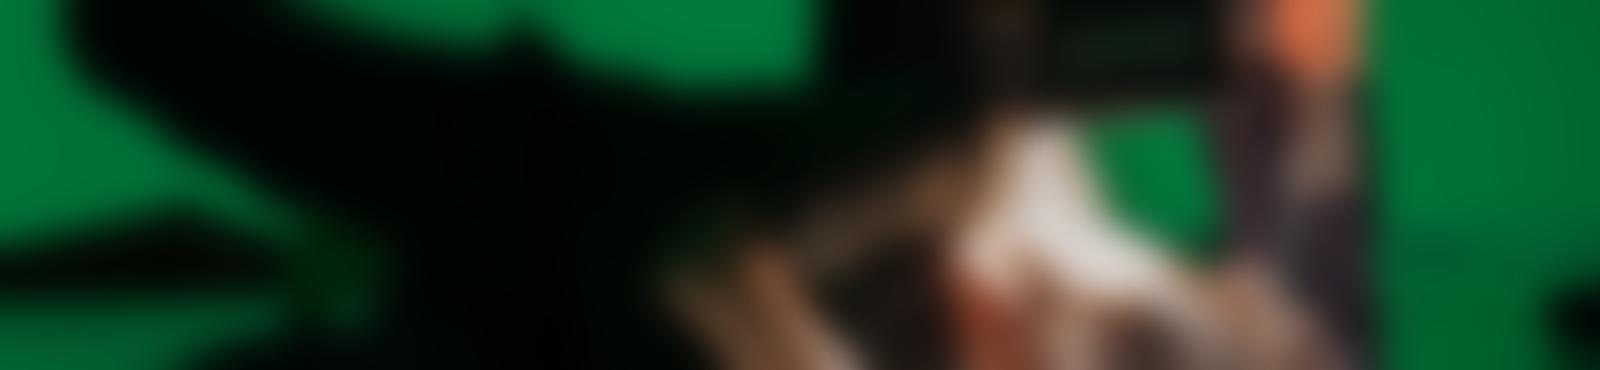 Blurred e6c91cf0 b2c5 4a03 b062 d3e8926e9c13